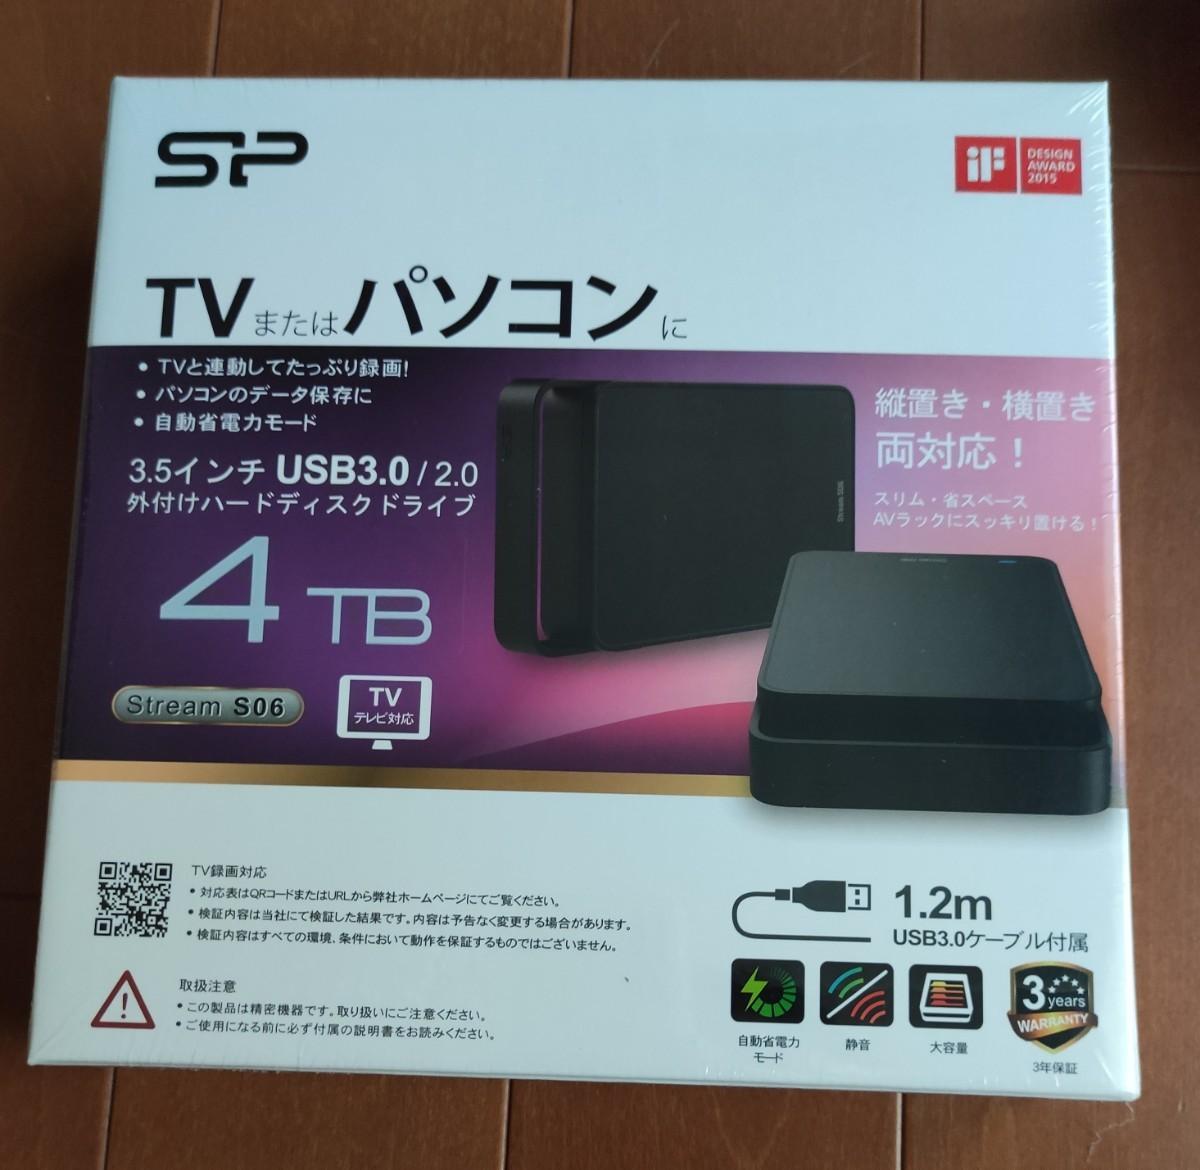 新品未開封品 4TB  外付けHDD 外付けハードディスク USB3.0対応  シリコンパワー